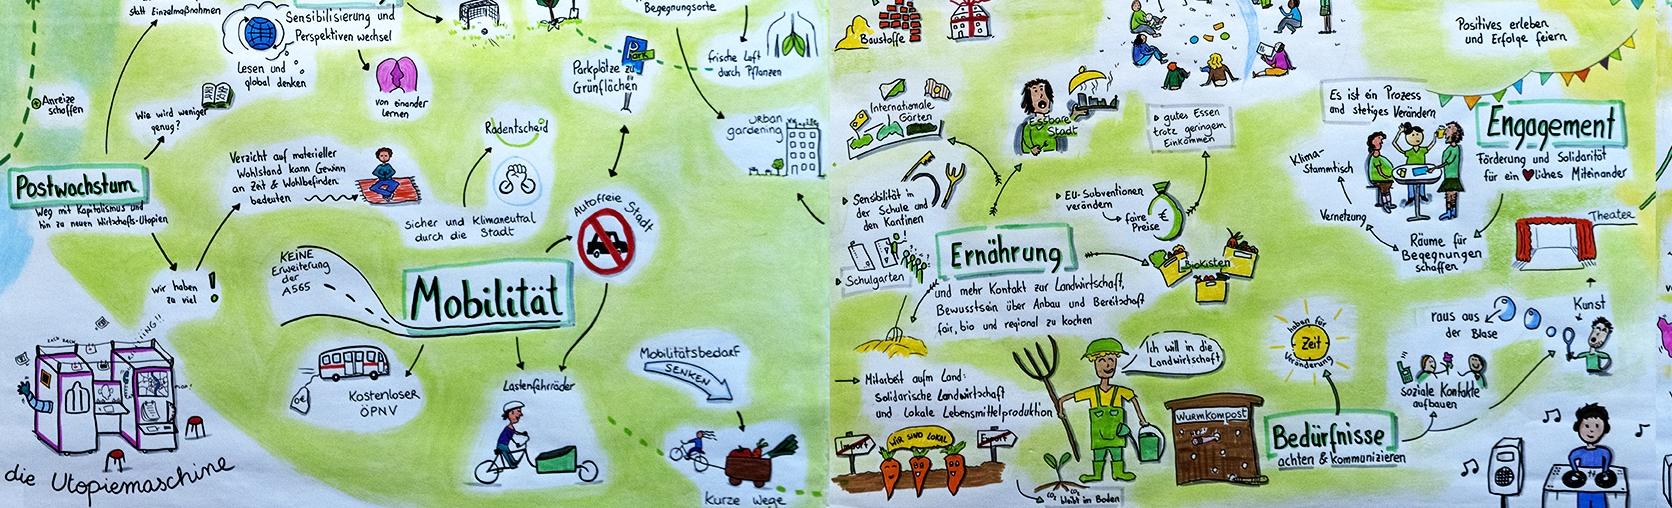 Gezeichnetes Grafikrecording zu Bonn Klimaneutral mit den Themen Ernährung, Mobilität und Engagement